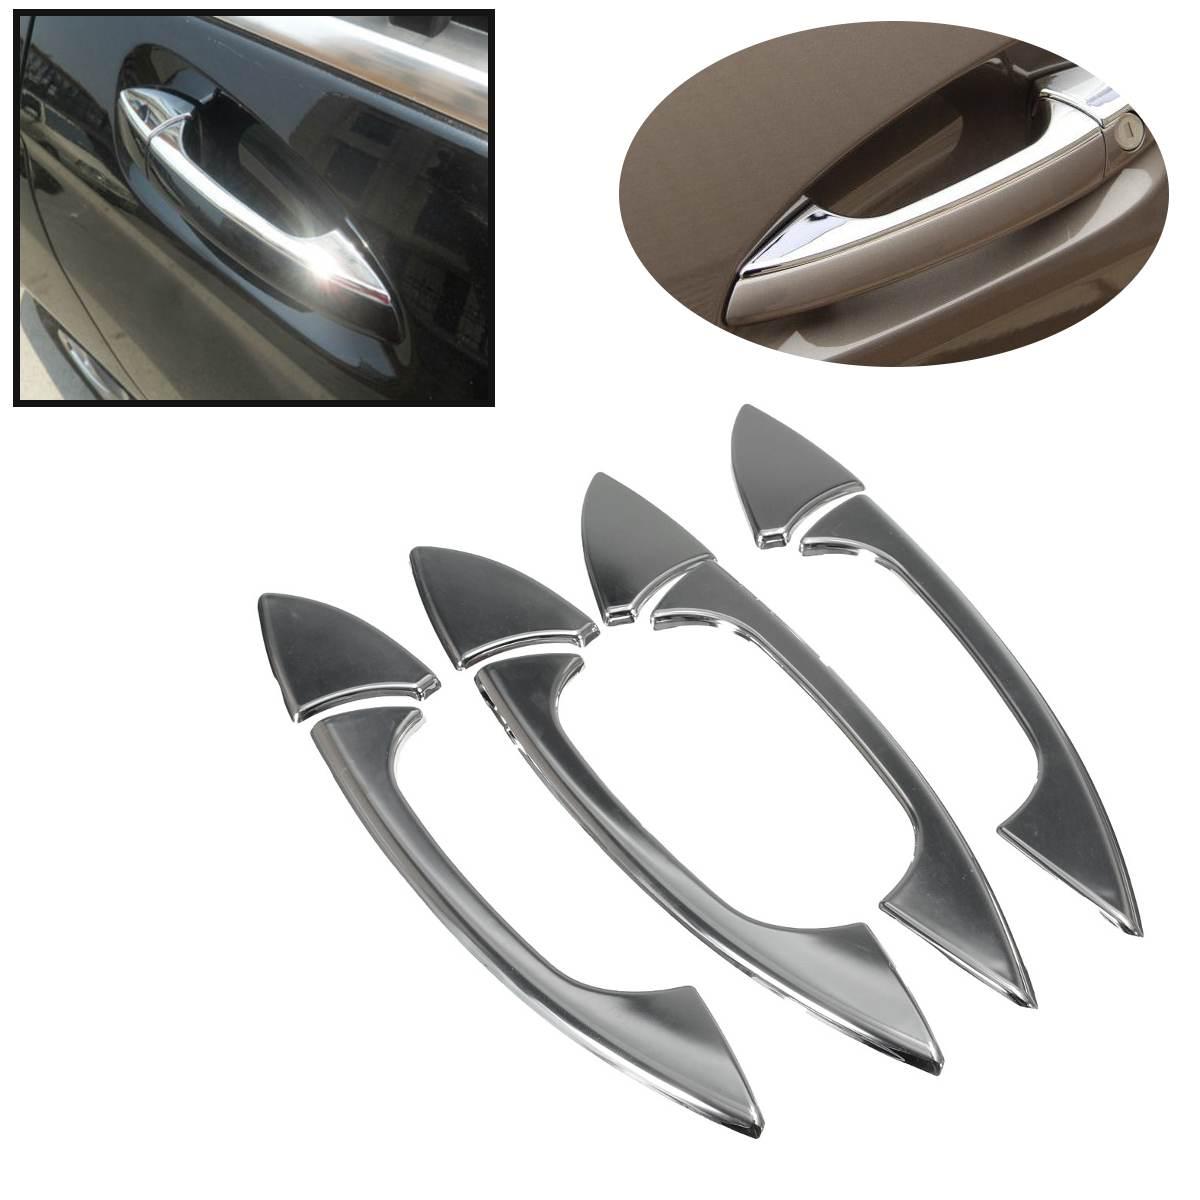 For Mercedes Benz B C E GLK ML GLK Class W204 W212 X204 W166 W117 W218  W246 2006 2011 8pcs/set Chrome Door handle cover trim Car Stickers     - title=